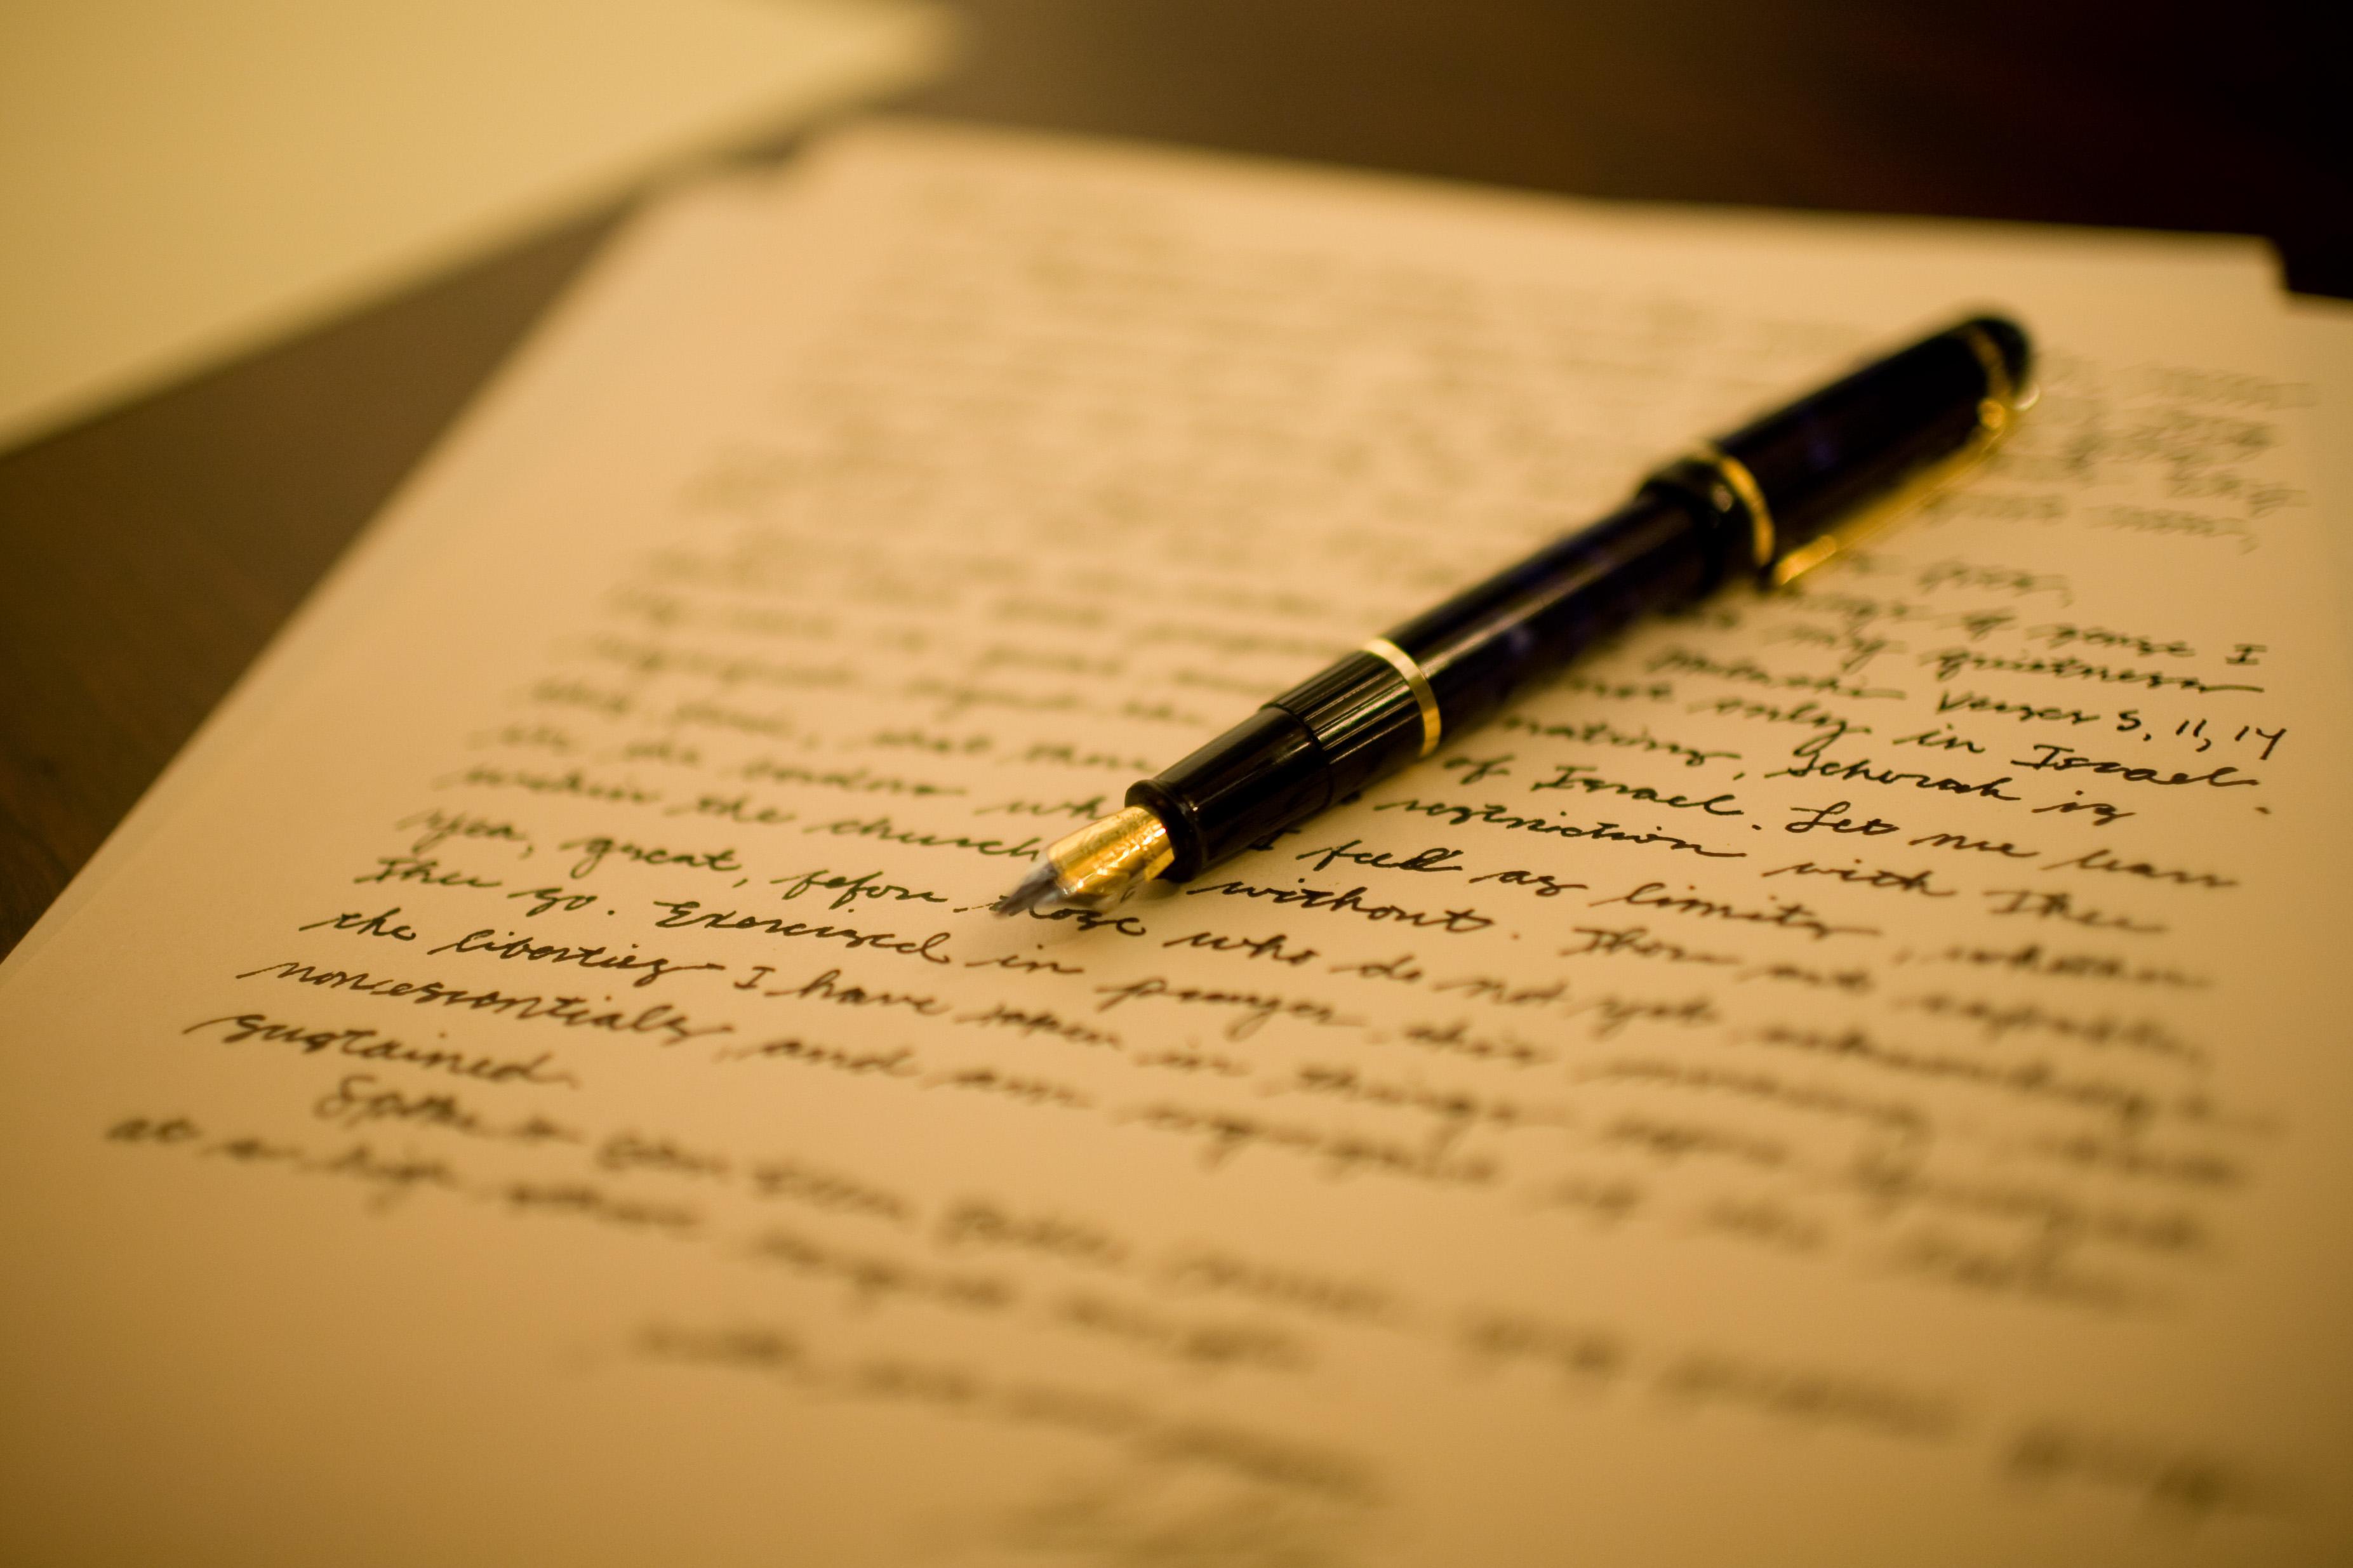 Ας ξεκινήσουμε από τα βασικά... - Άρθρο του Βαγγέλη Ν. Ζαμαντζά